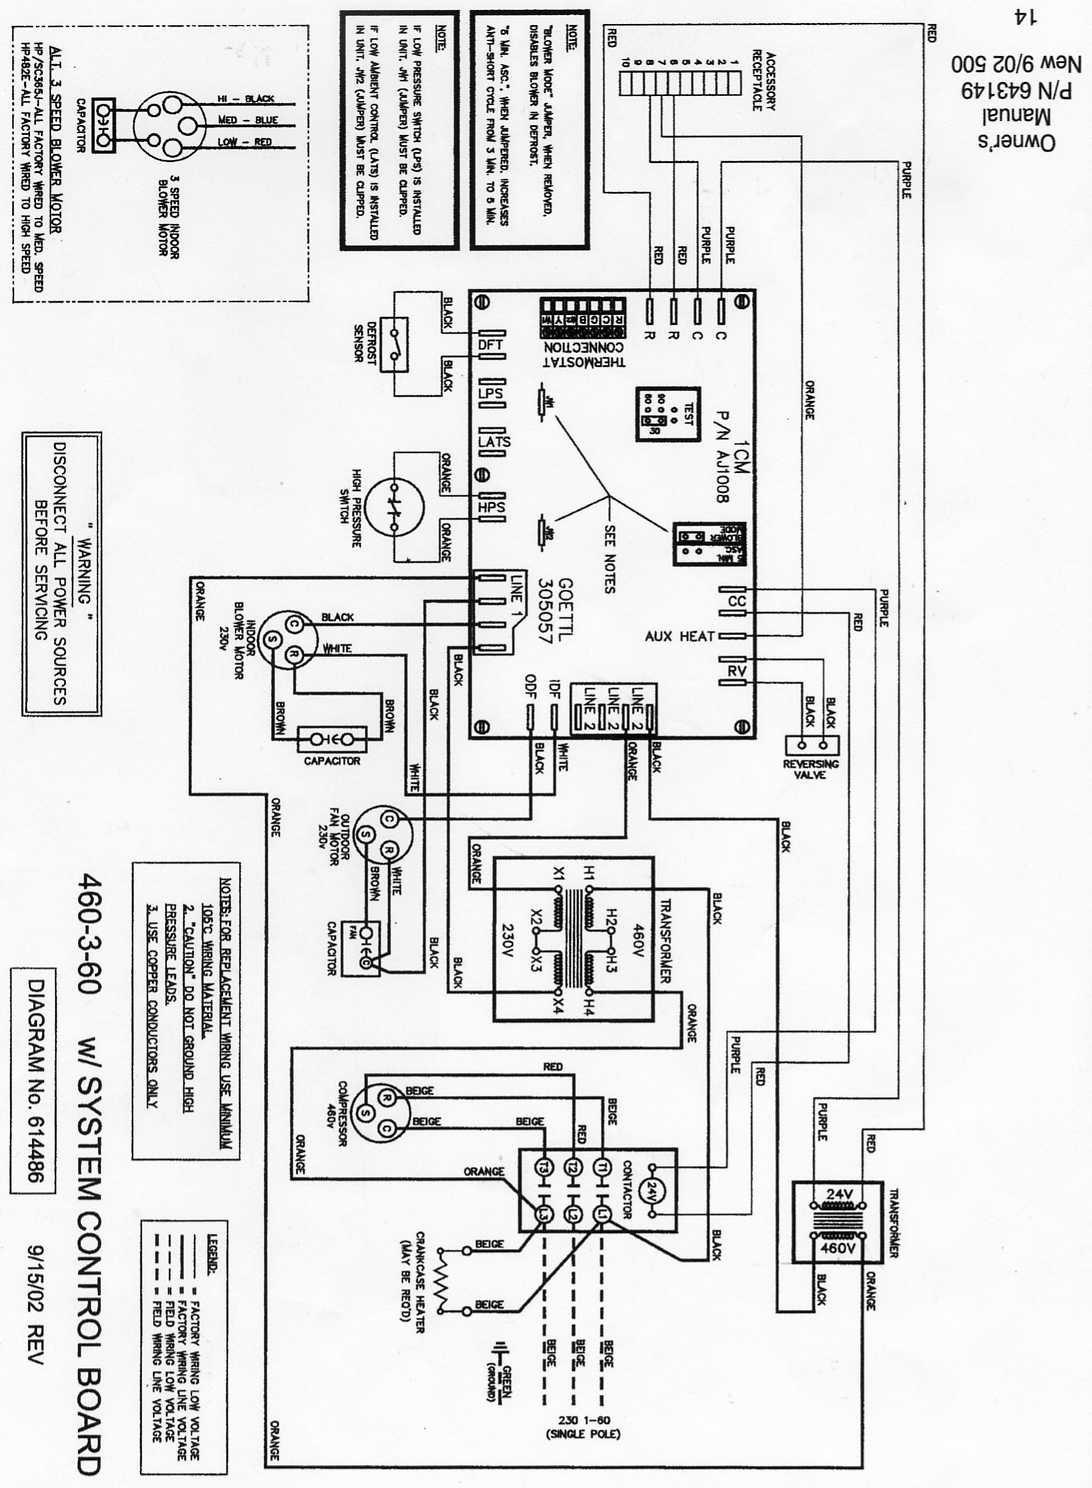 pump diagram icon